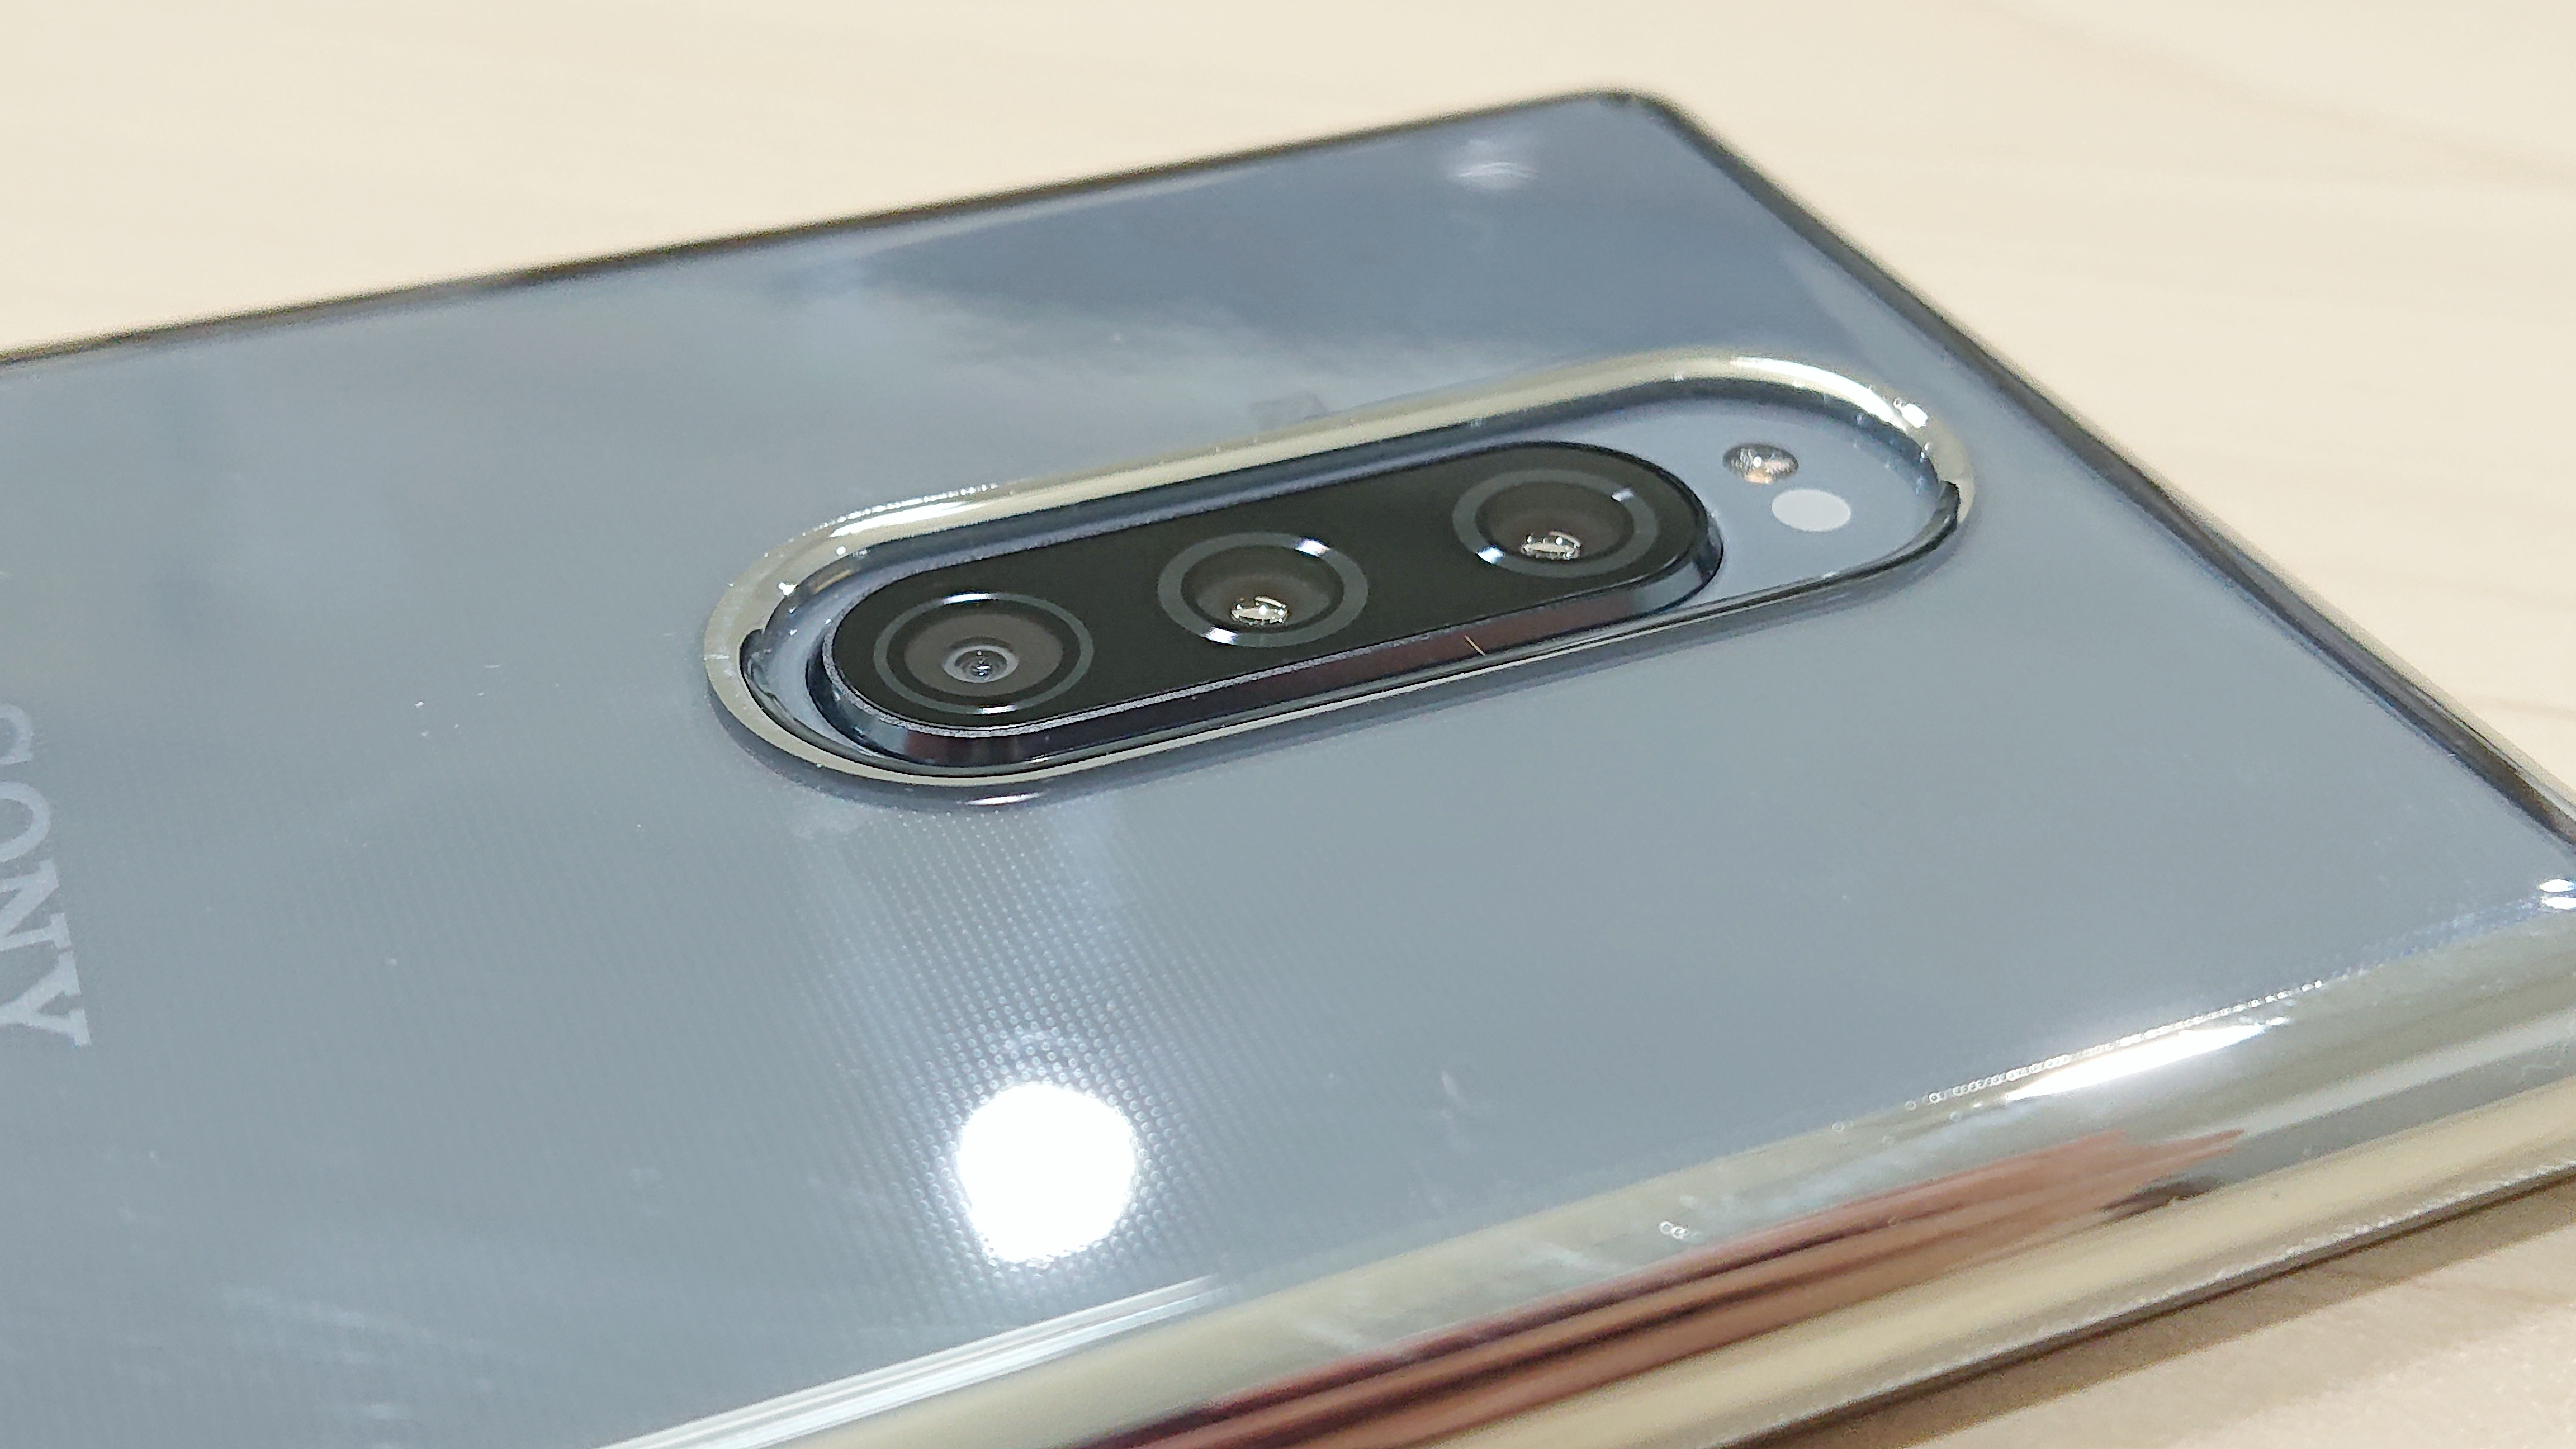 「開箱分享」日系手機配件RASTA BANANA,Xperia 1兼顧美型外觀及手機保護一次滿足 - 9